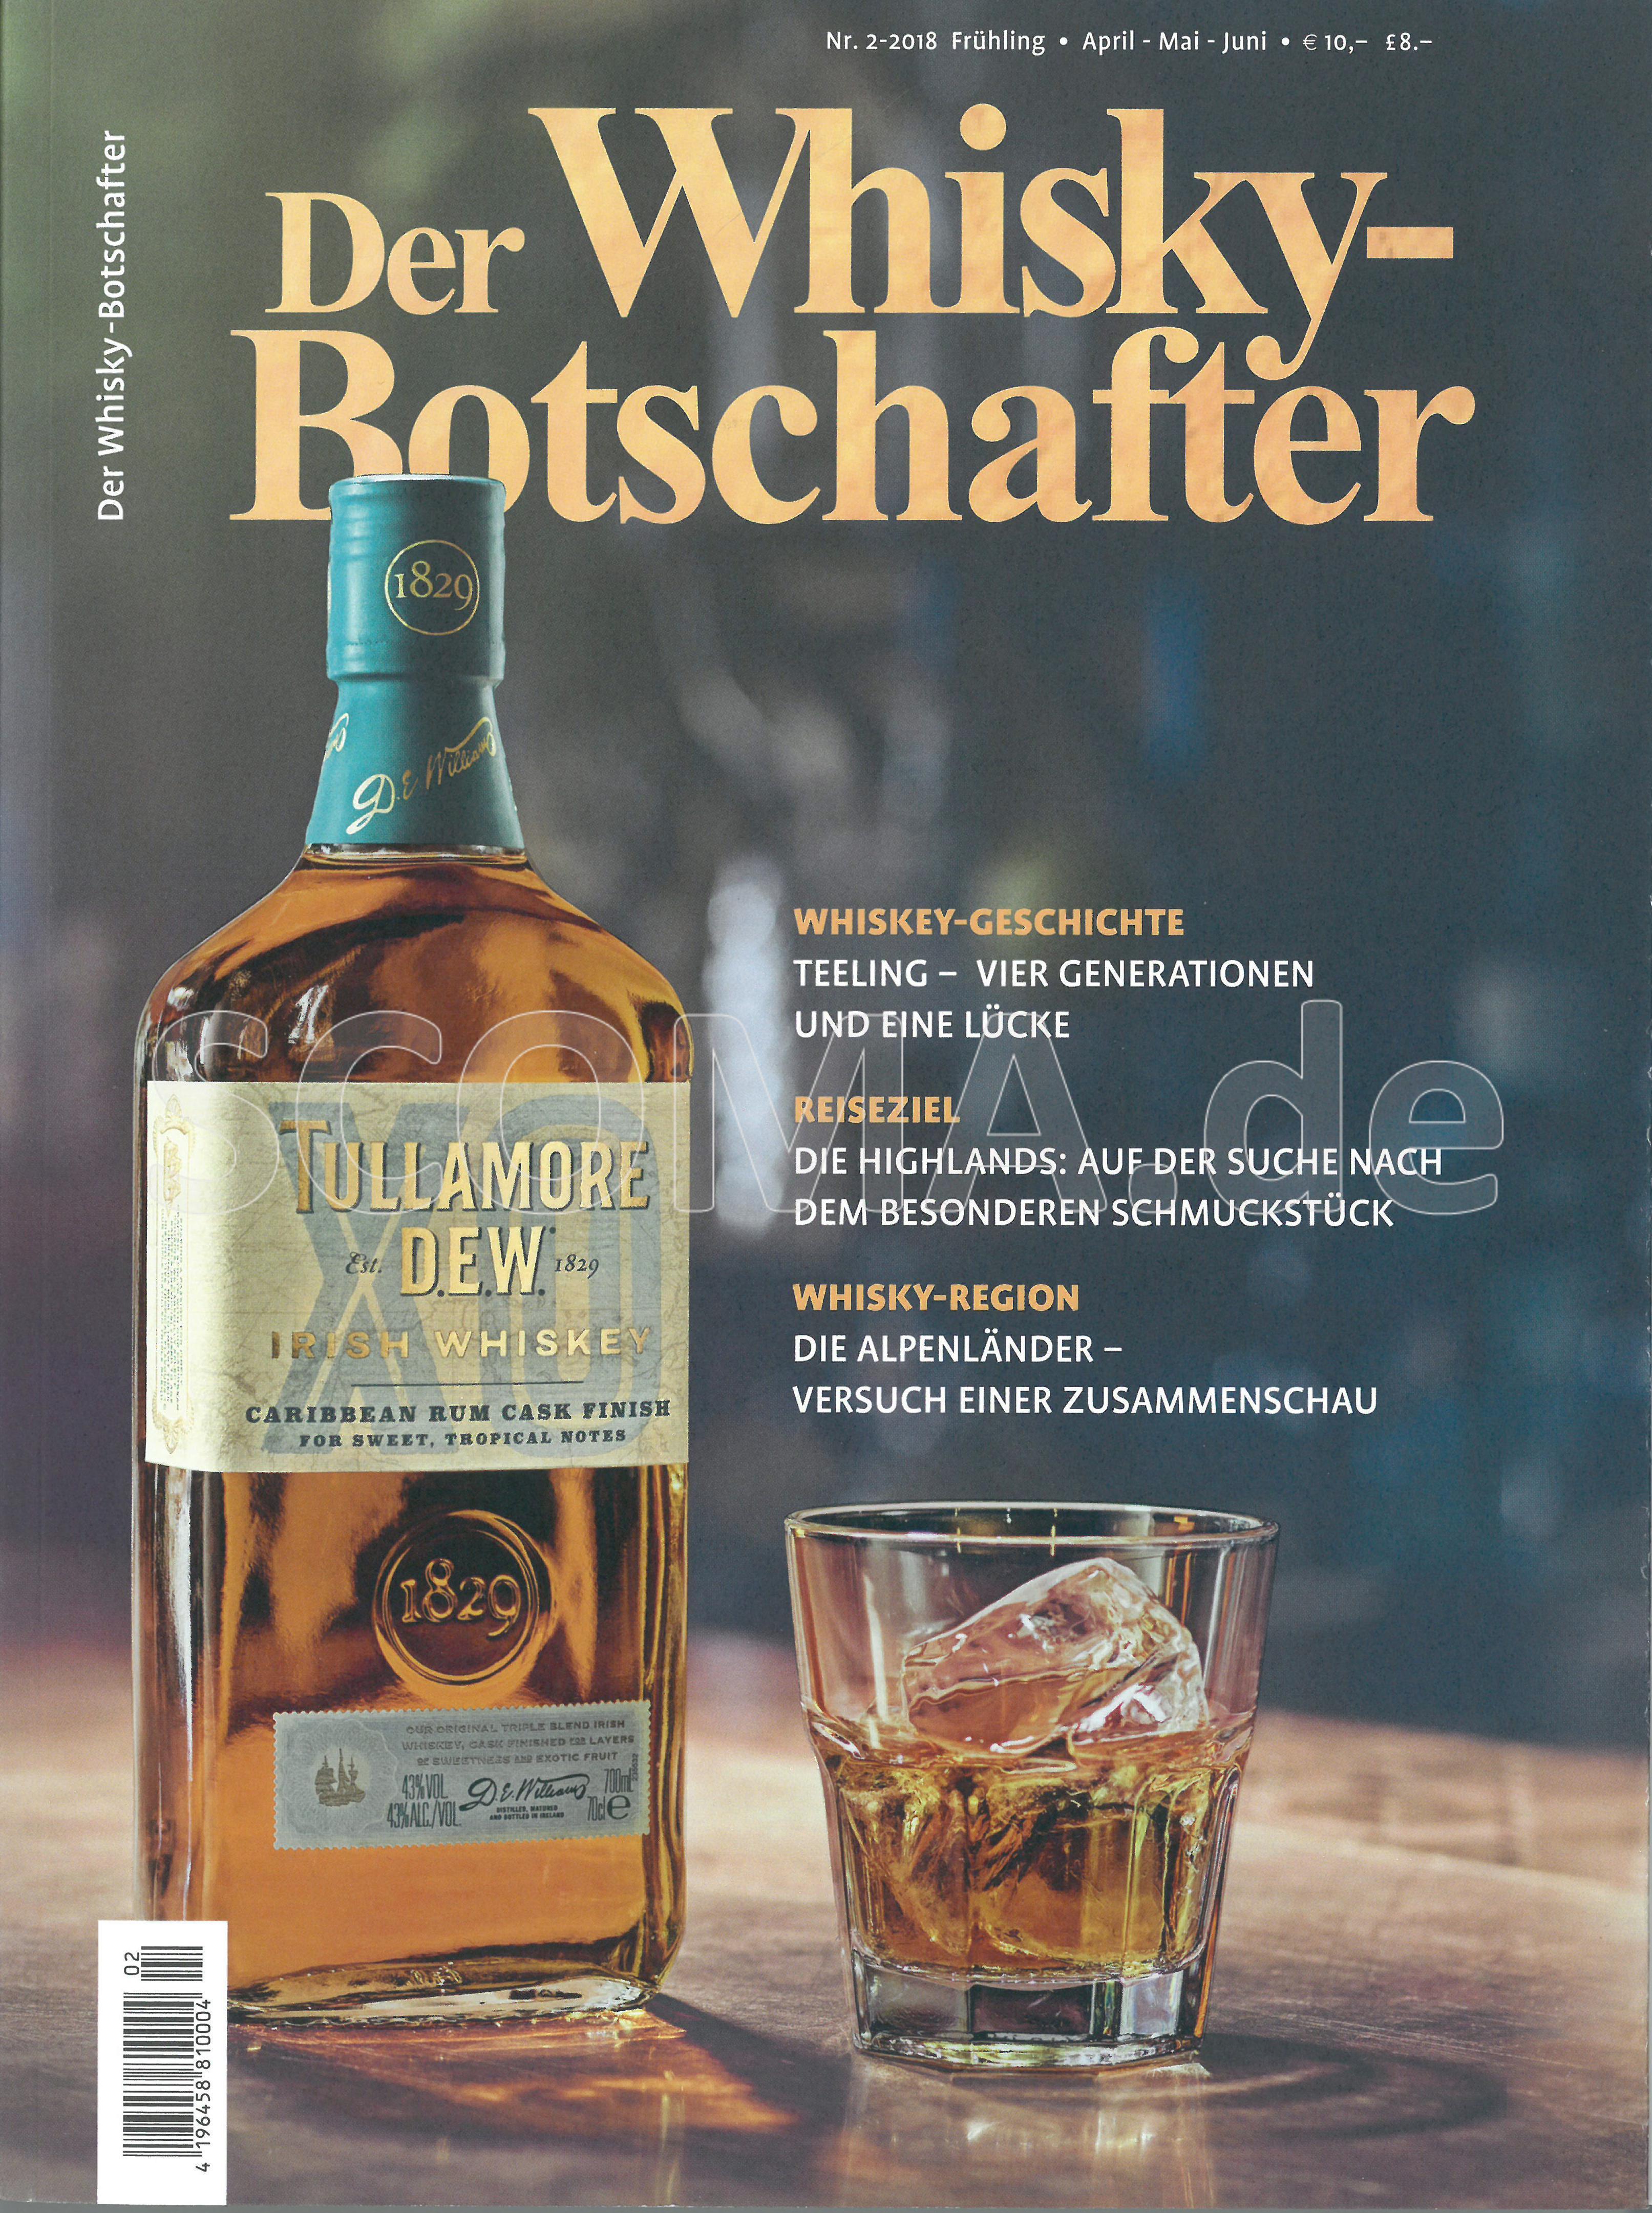 Der Whisky-Botschafter Nr. 2-2...